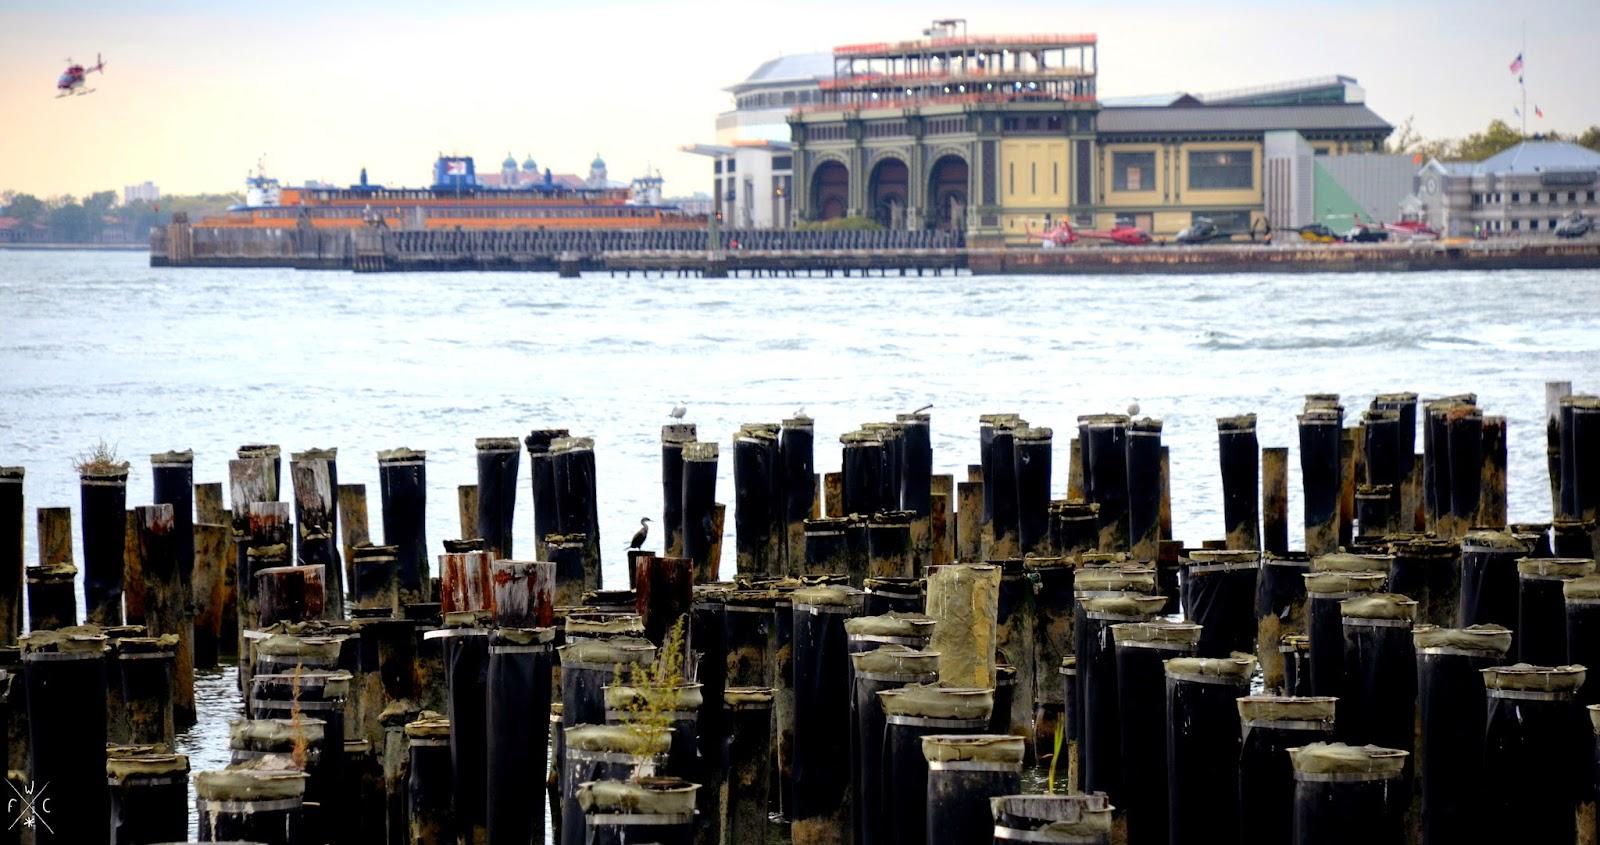 Brooklyn Heights, Brooklyn, New York, USA